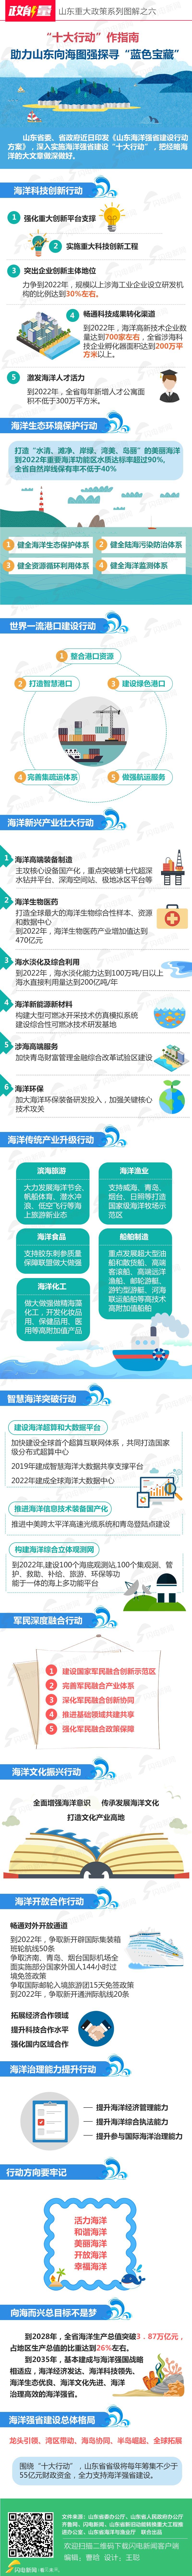 政能量图解6 加来源和出品